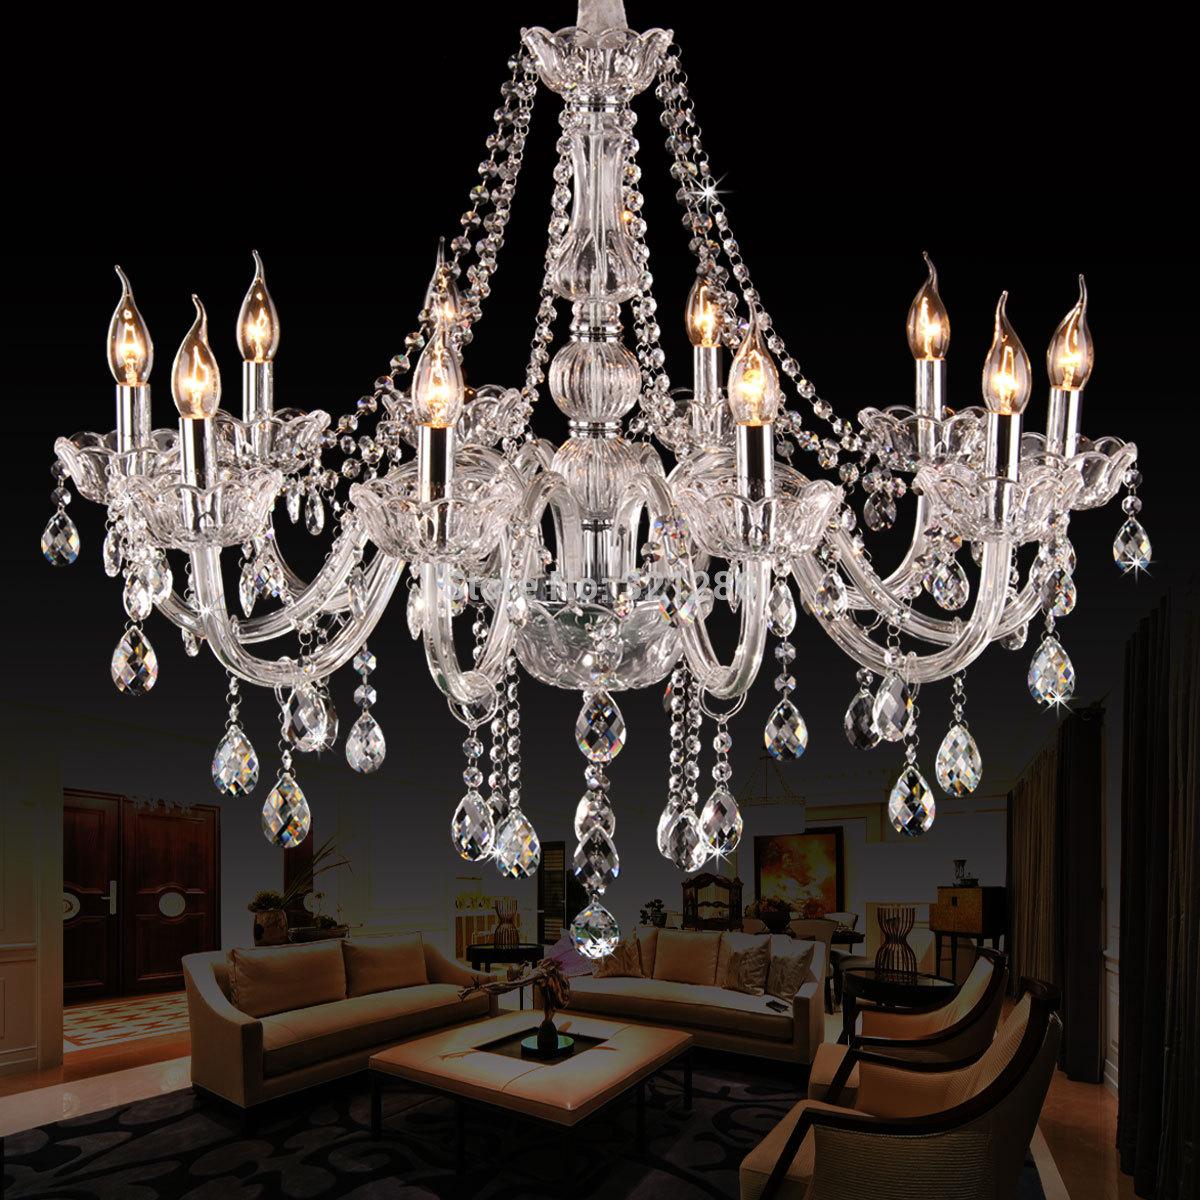 10 teste k9 luce lampadario di cristallo vivente luci della stanza lampada da letto ristorante lampada breve lampadario illuminazione moderna